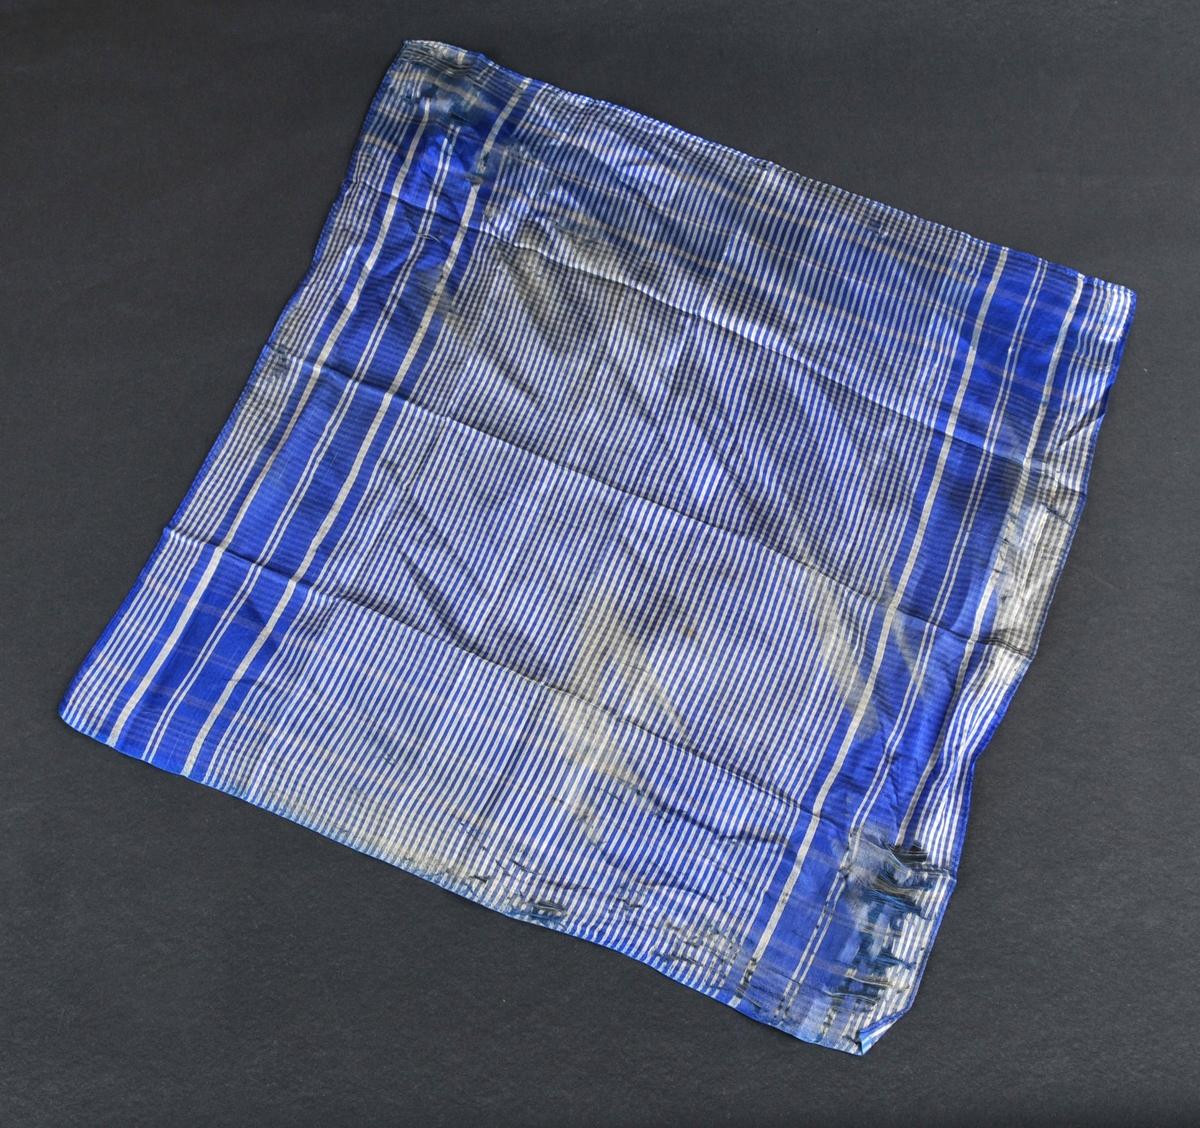 Tynt, lite silketørkle i blått og kvitt stripete mønster. Slitasje i to motståande ender, truleg etter knyting.